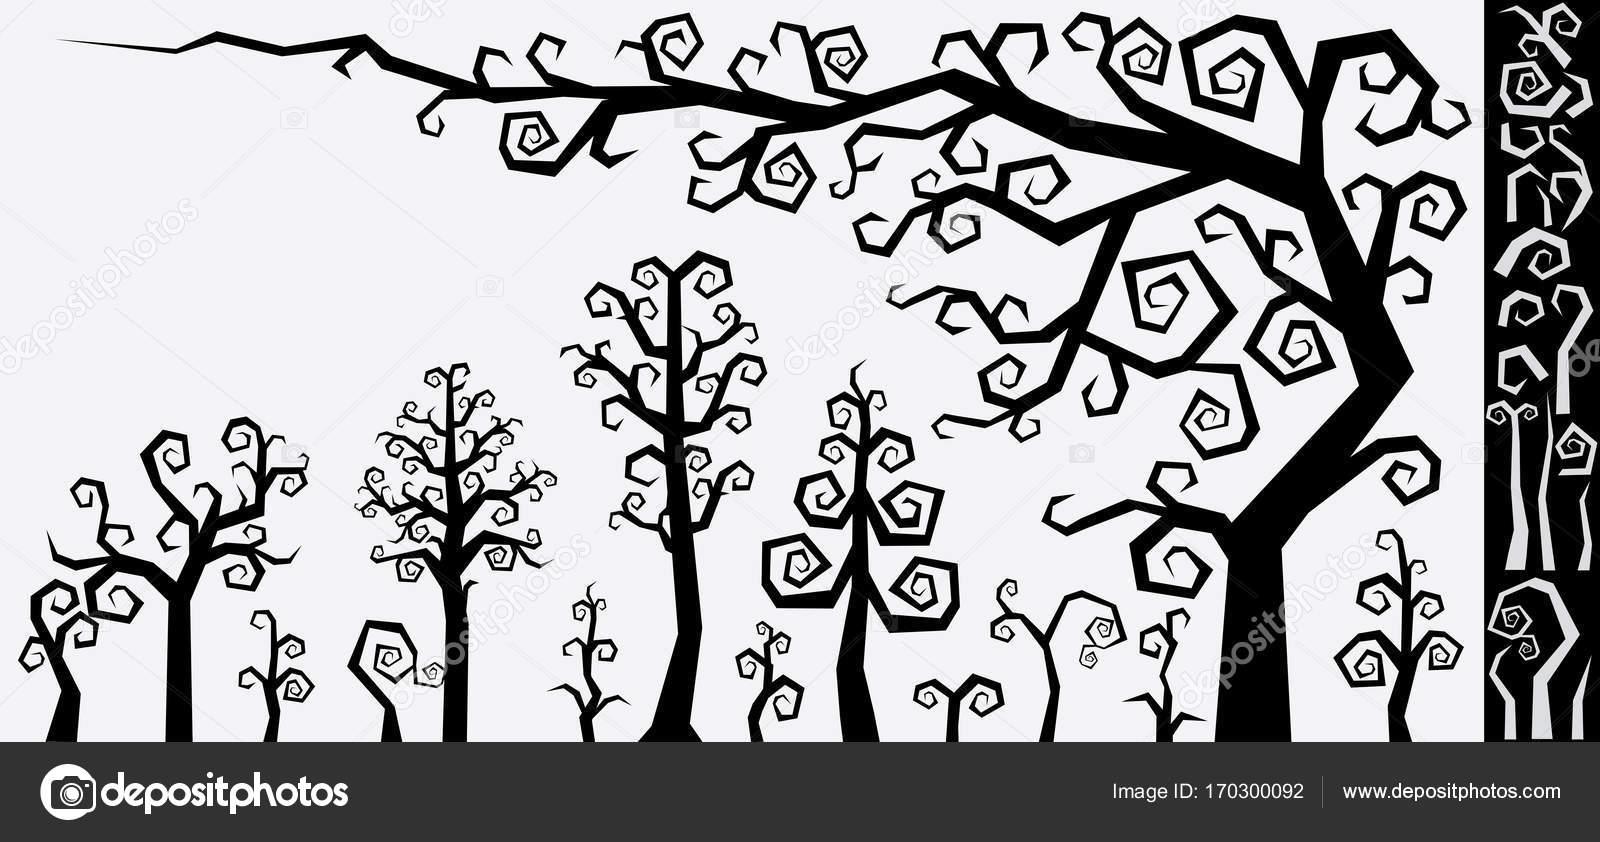 tree image vector royalty vectorstock free decorative decor